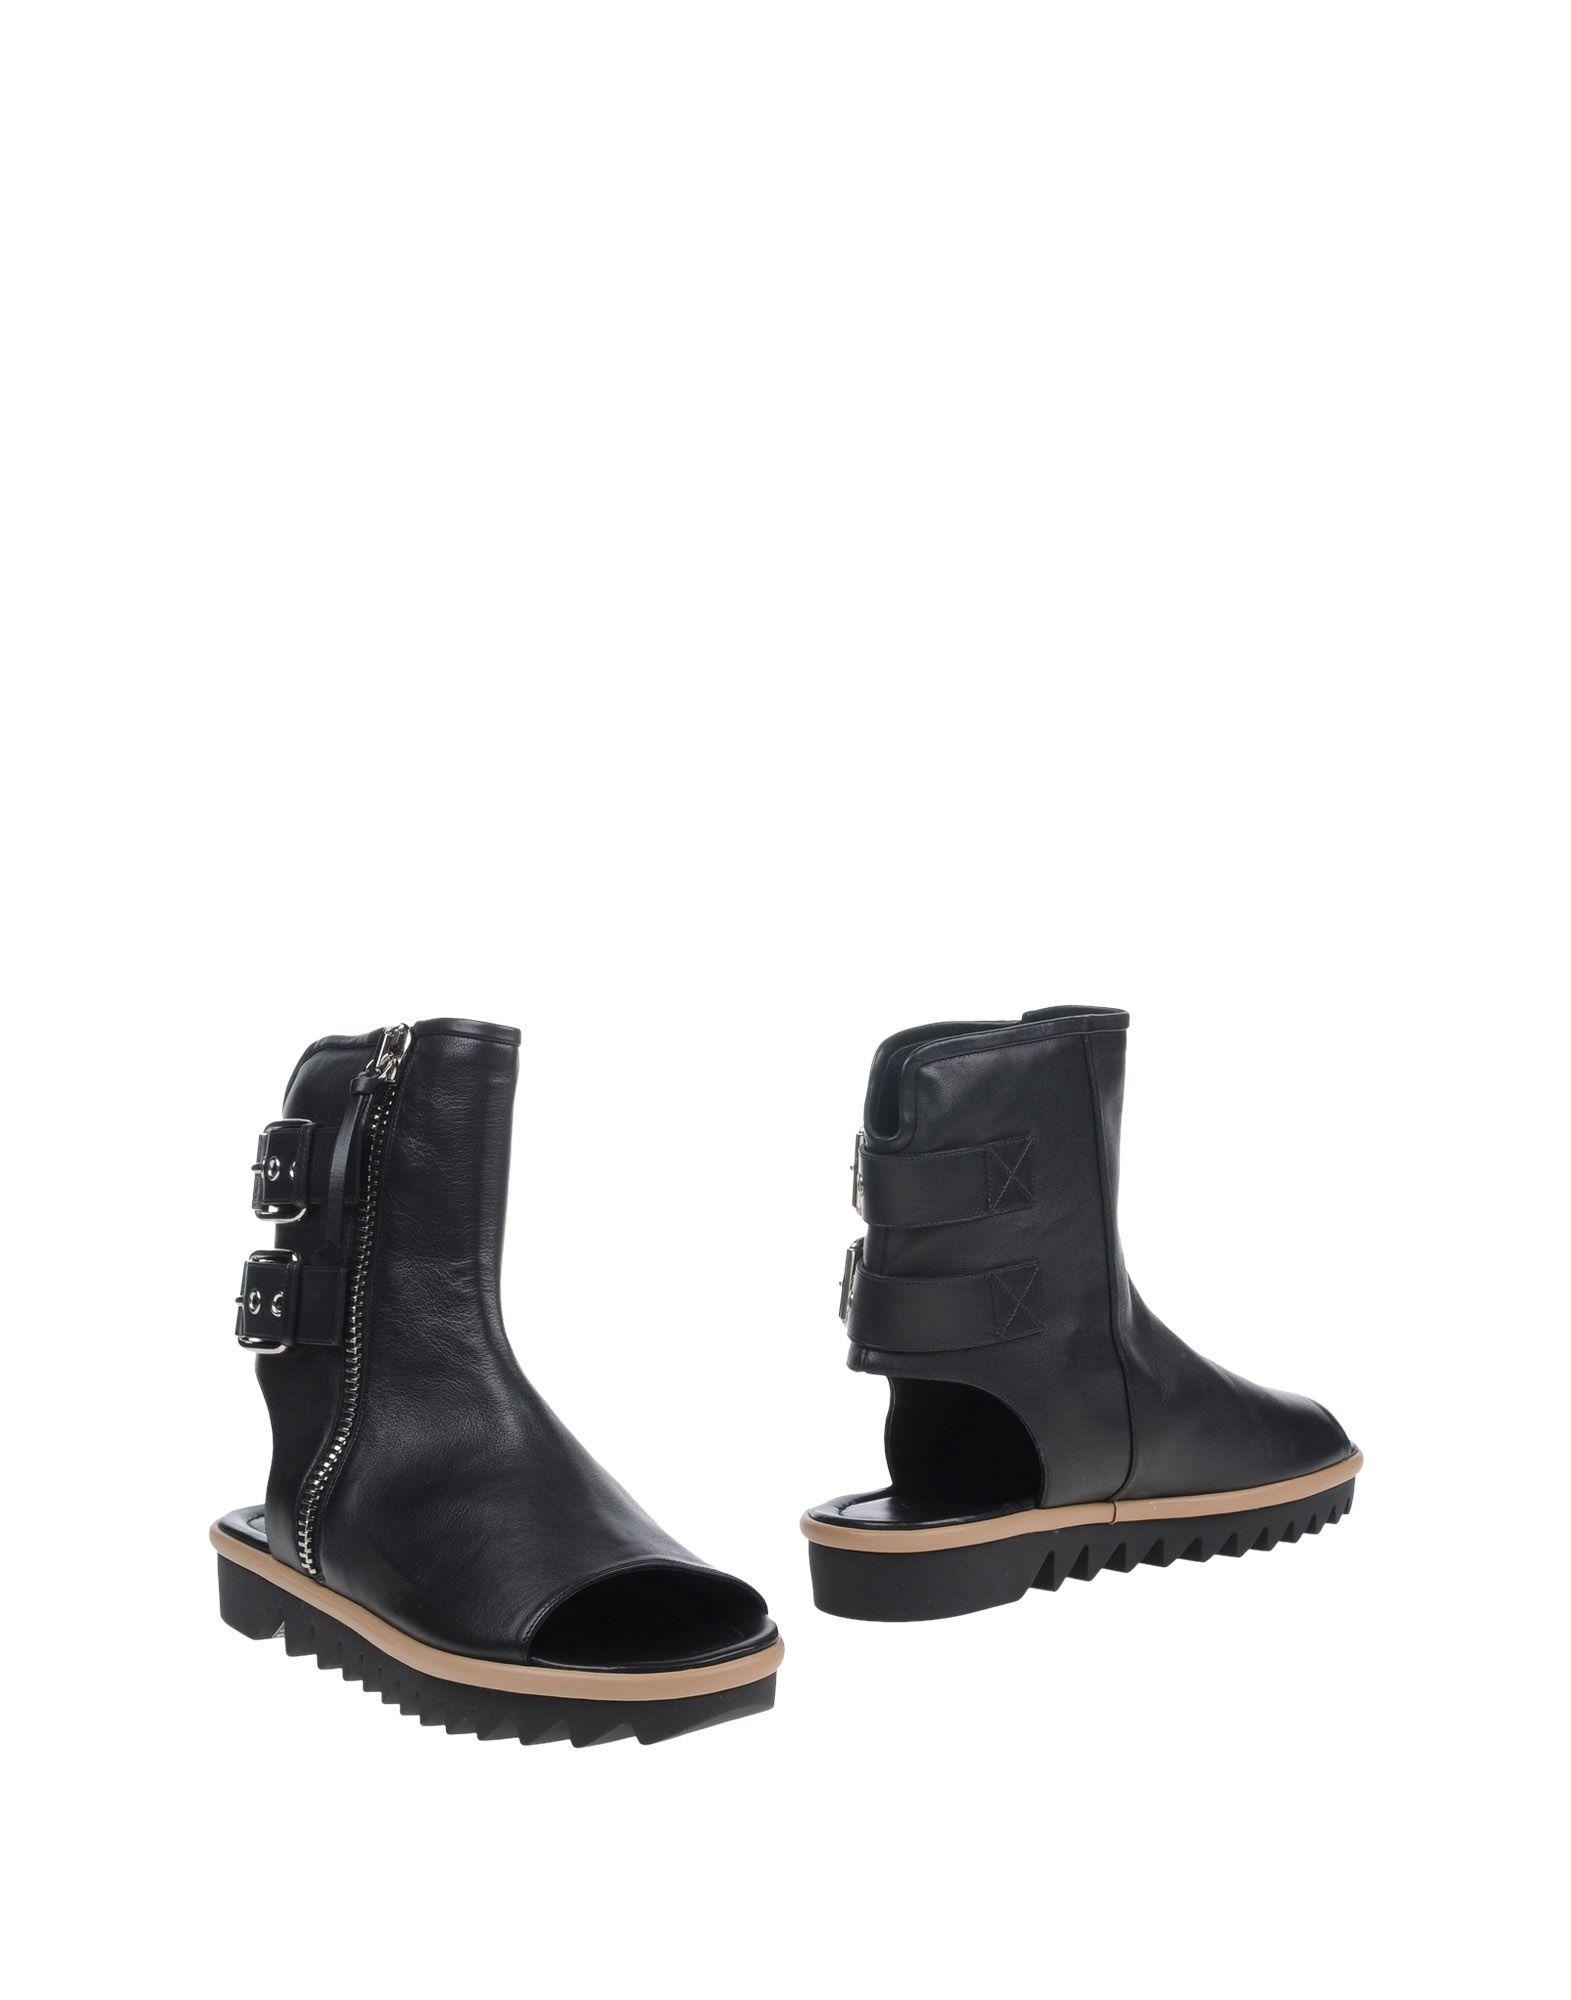 Giuseppe Zanotti Stiefelette Herren beliebte  44940139PH Gute Qualität beliebte Herren Schuhe a594cf